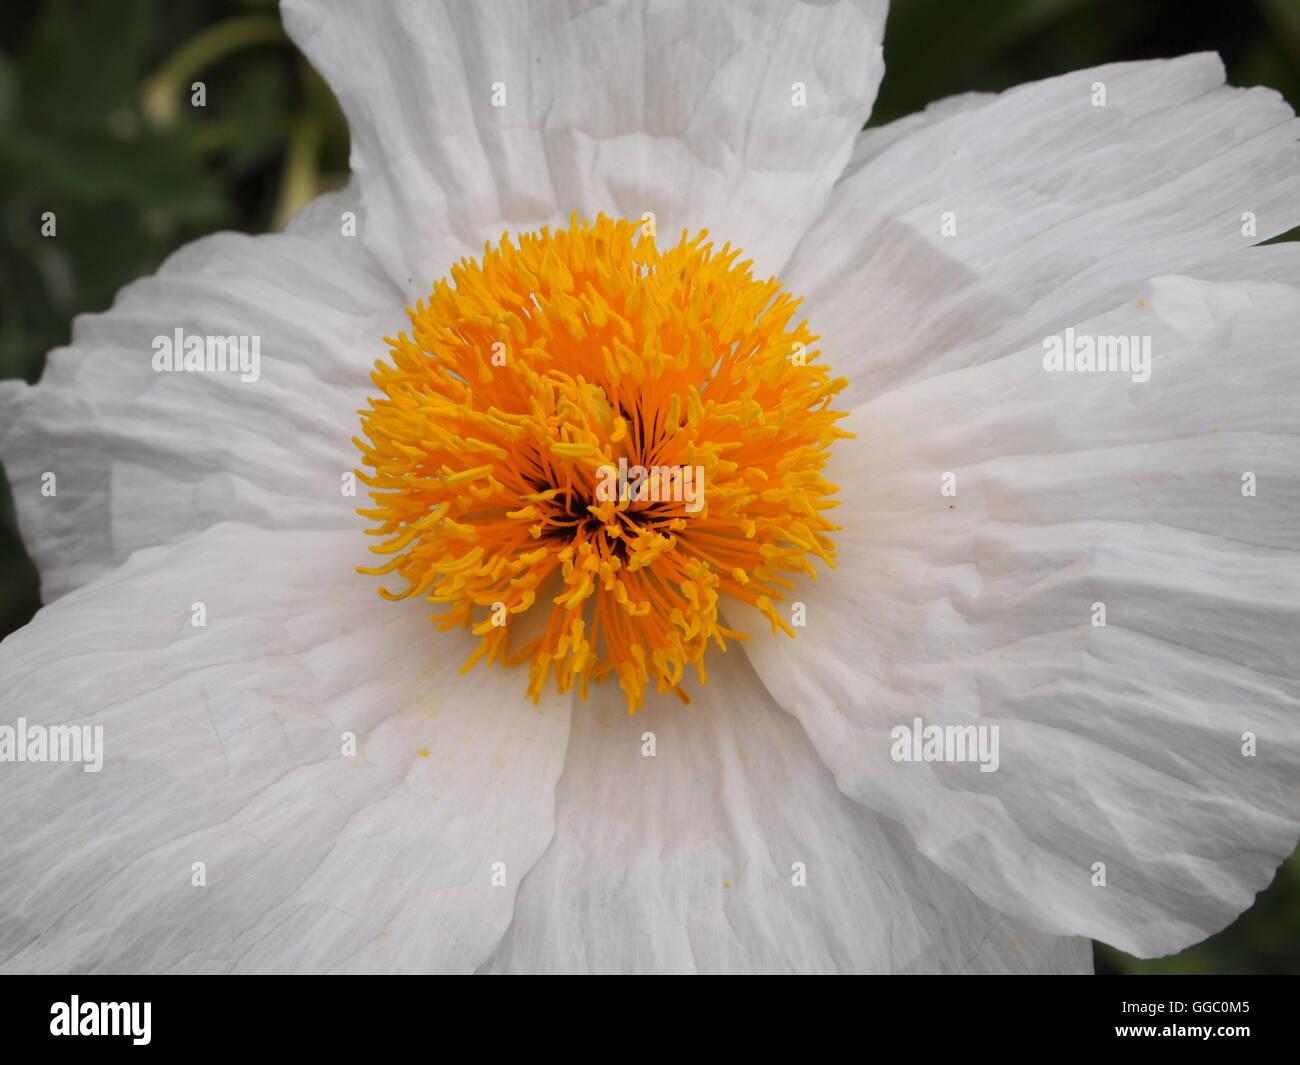 Fleur blanche avec des pétales froissés et un grand centre jaune Photo Stock